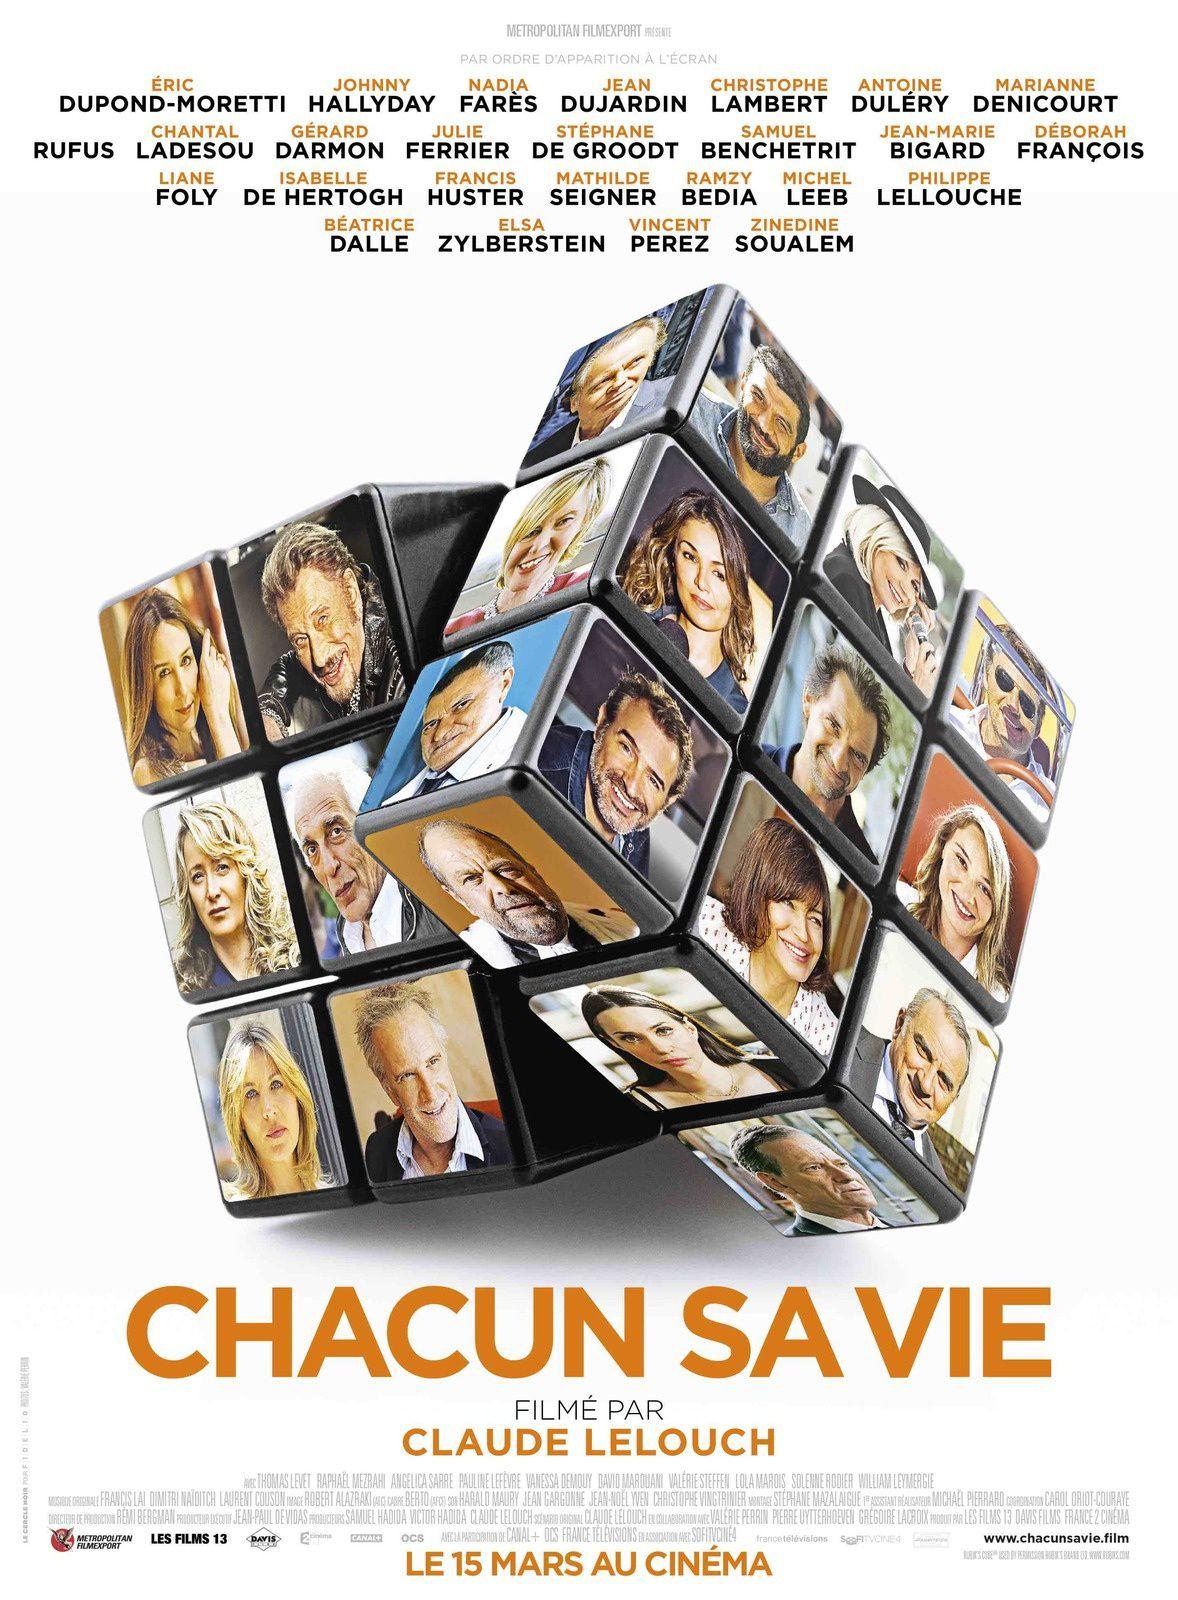 Making of du nouveau film de Claude Lelouch, Chacun sa vie.